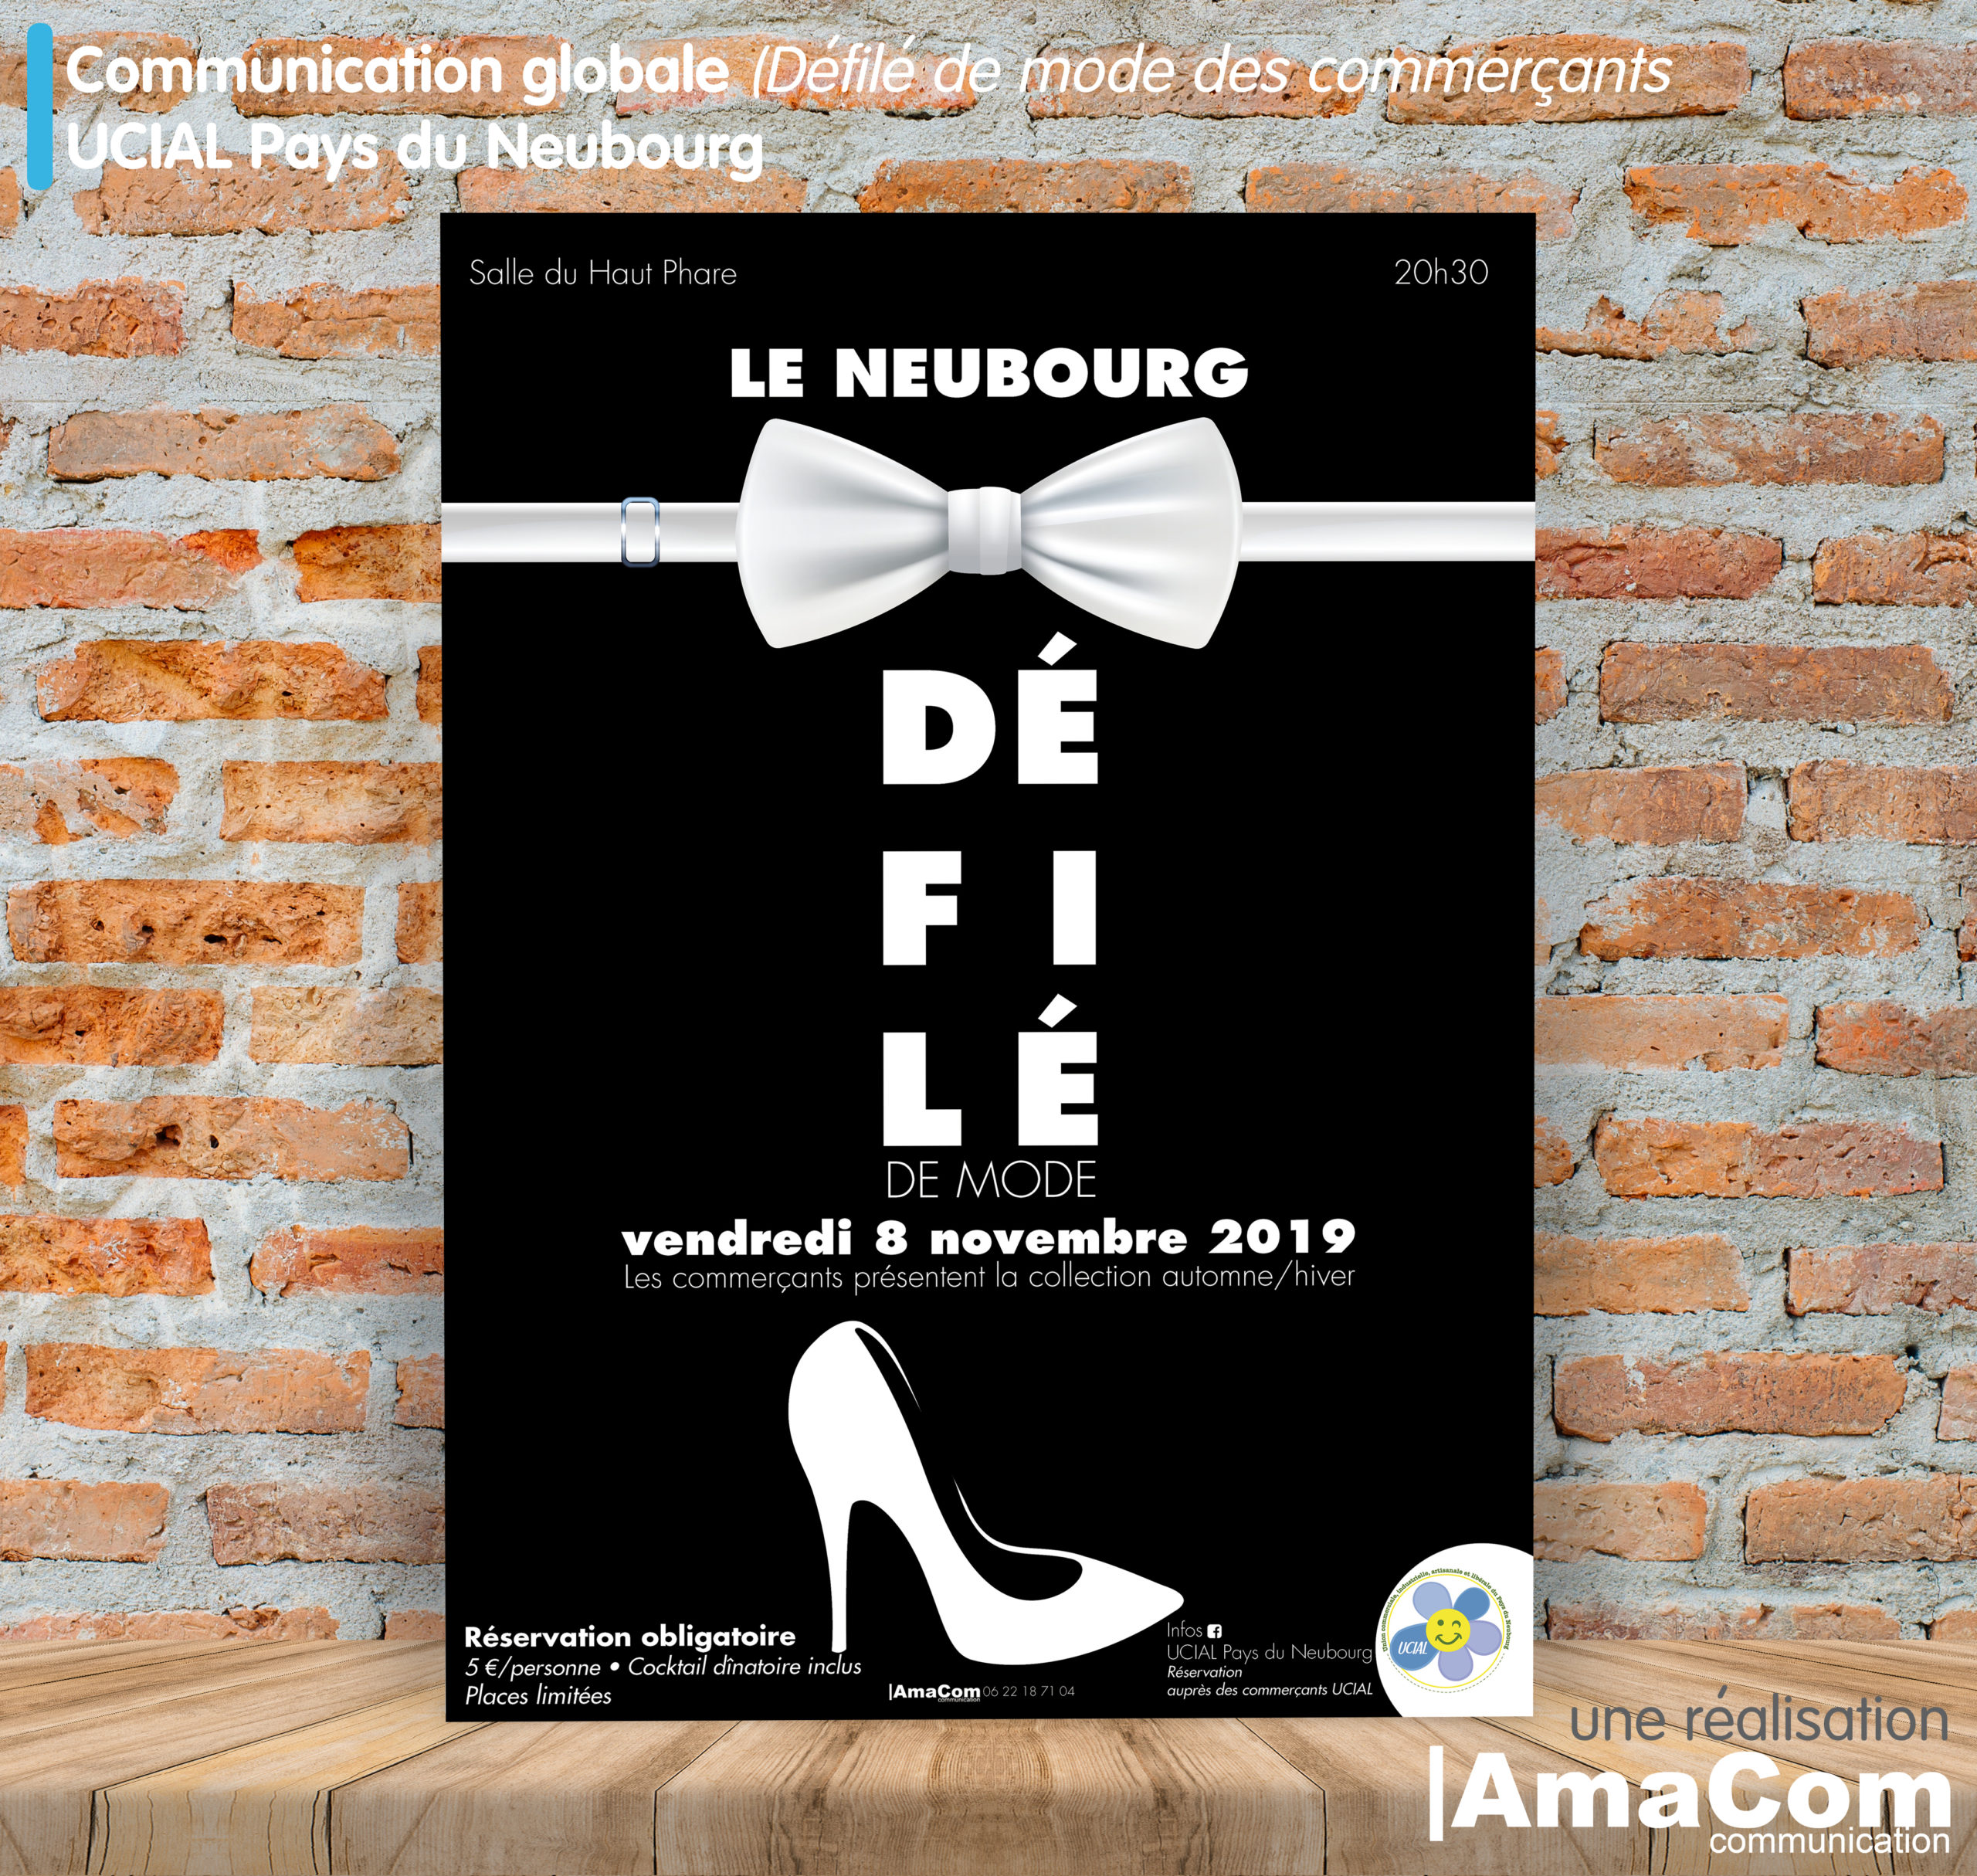 Imprimerie Le Neubourg carton invitation affiche défilé de mode commercants eure normandie